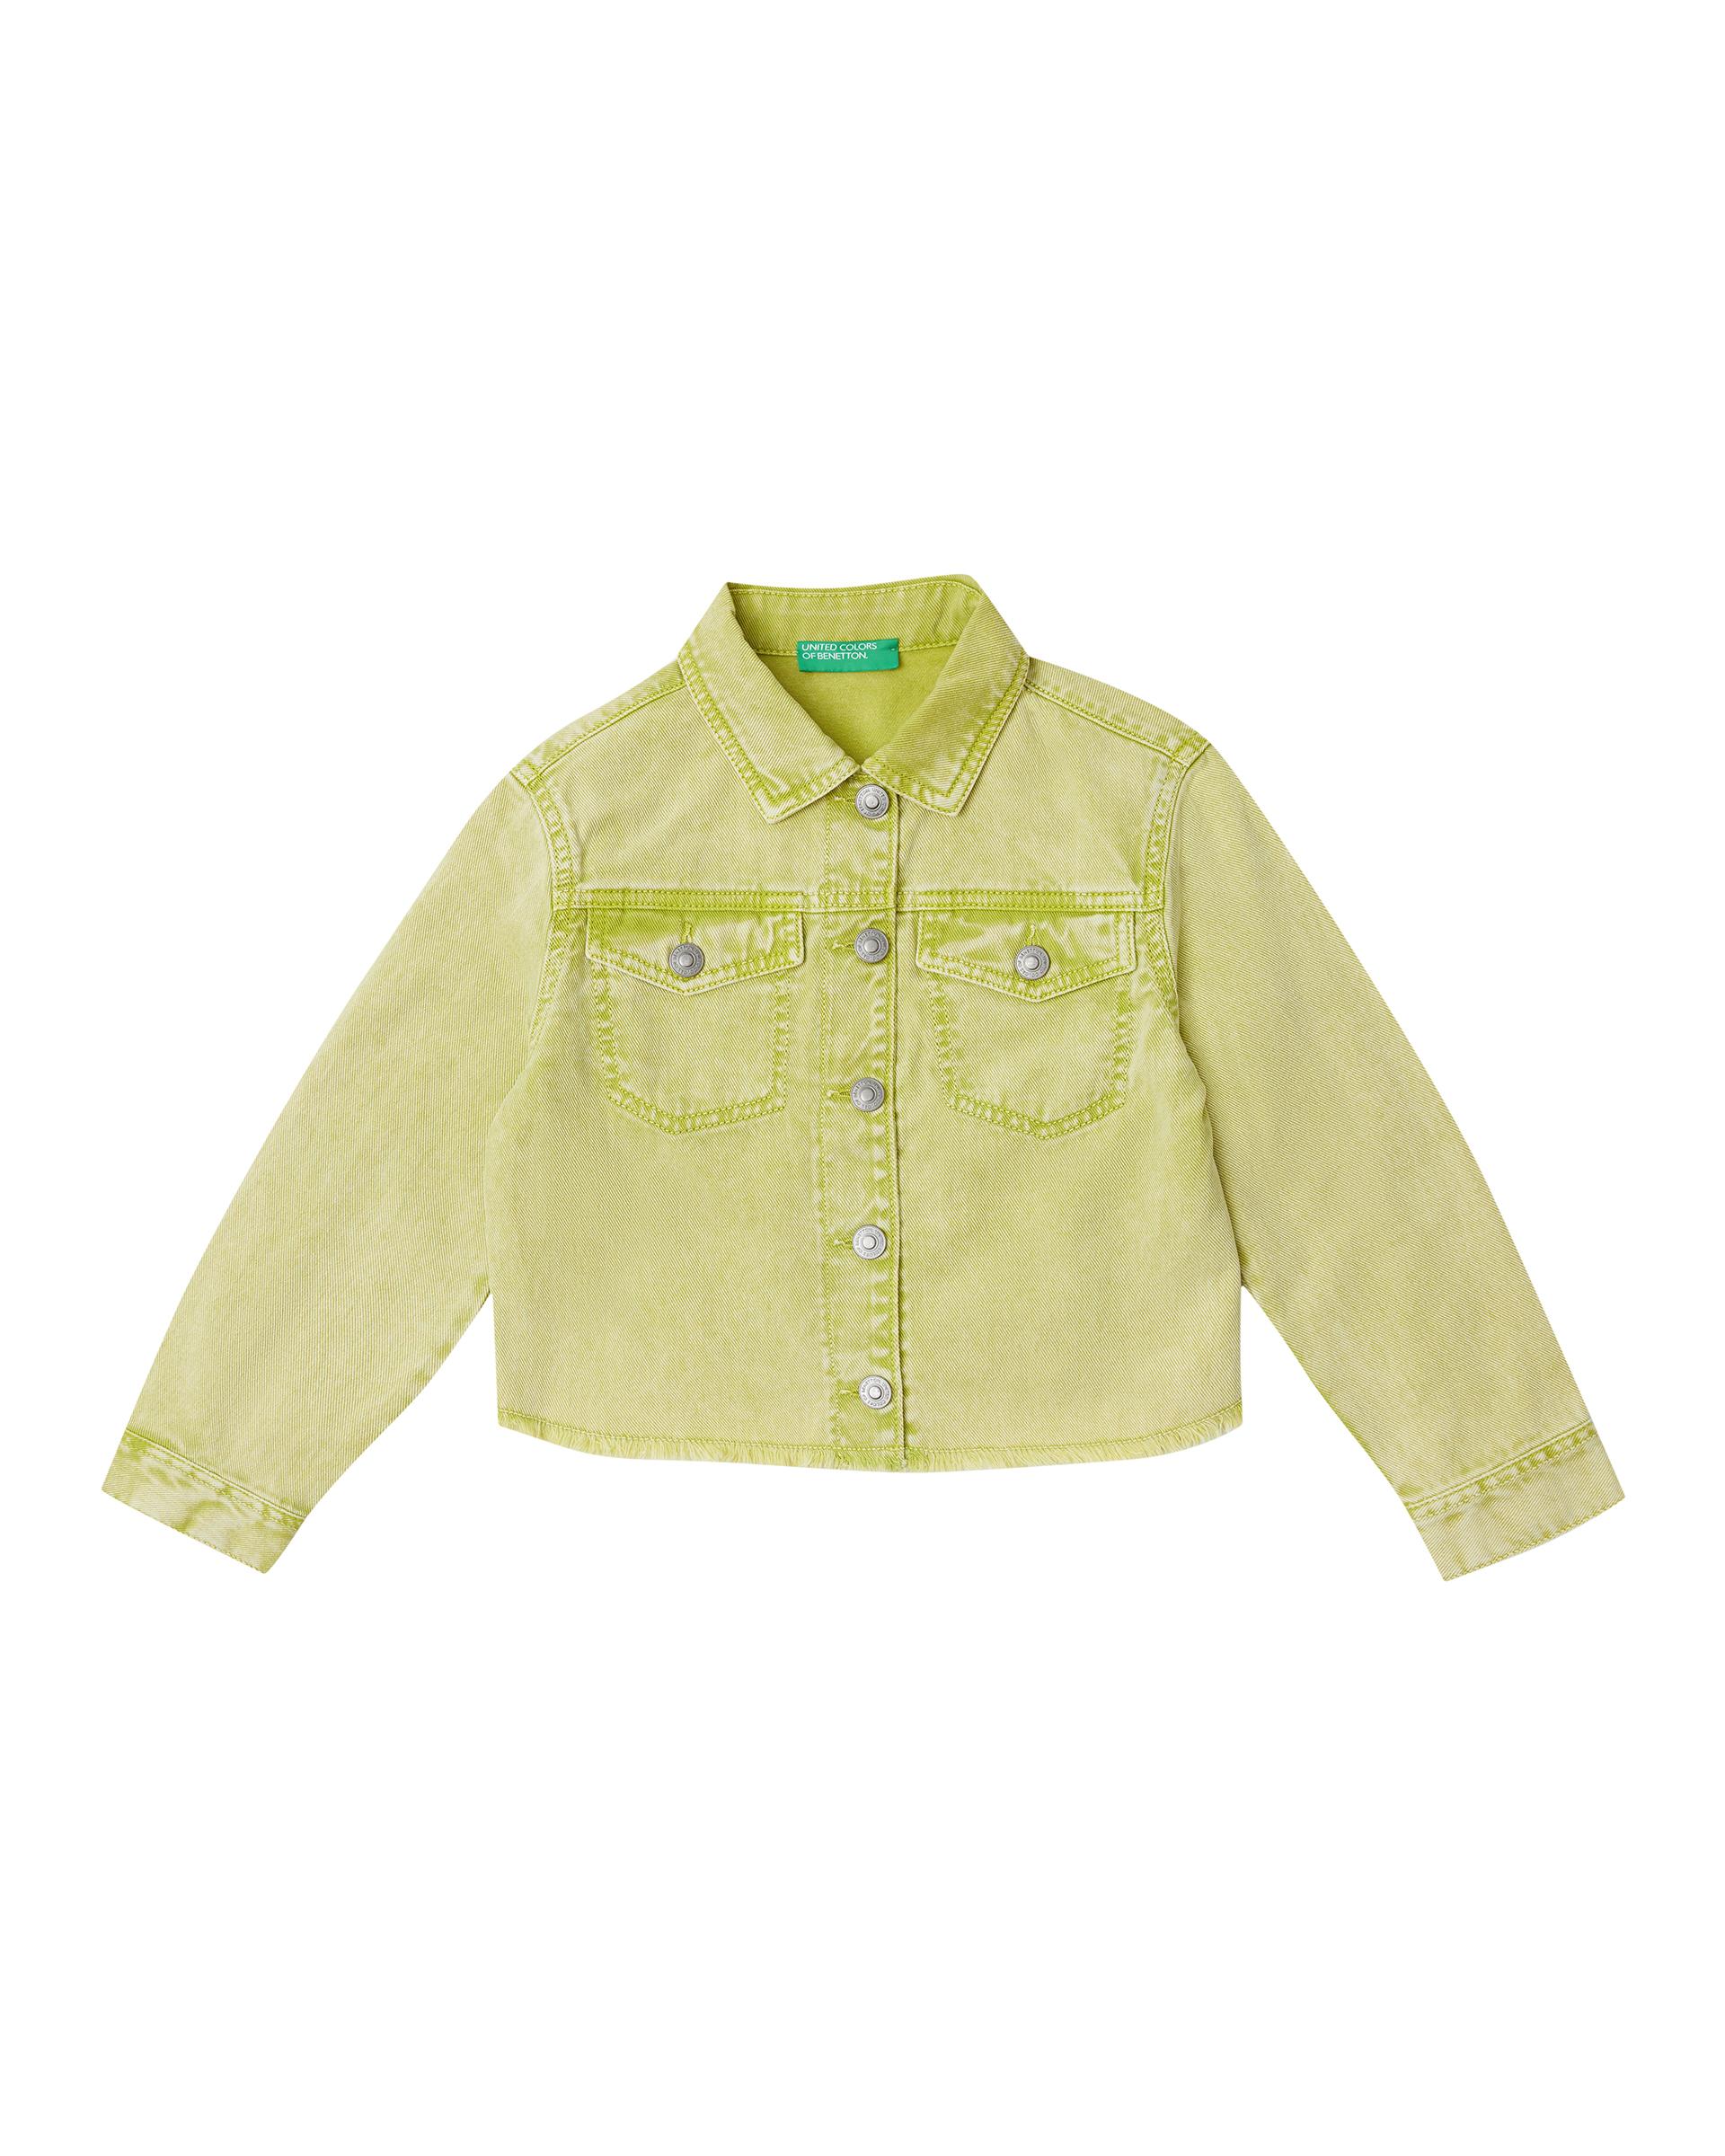 Купить 20P_2PL353HW0_902, Джинсовая куртка для девочек Benetton 2PL353HW0_902 р-р 140, United Colors of Benetton, Куртки для девочек